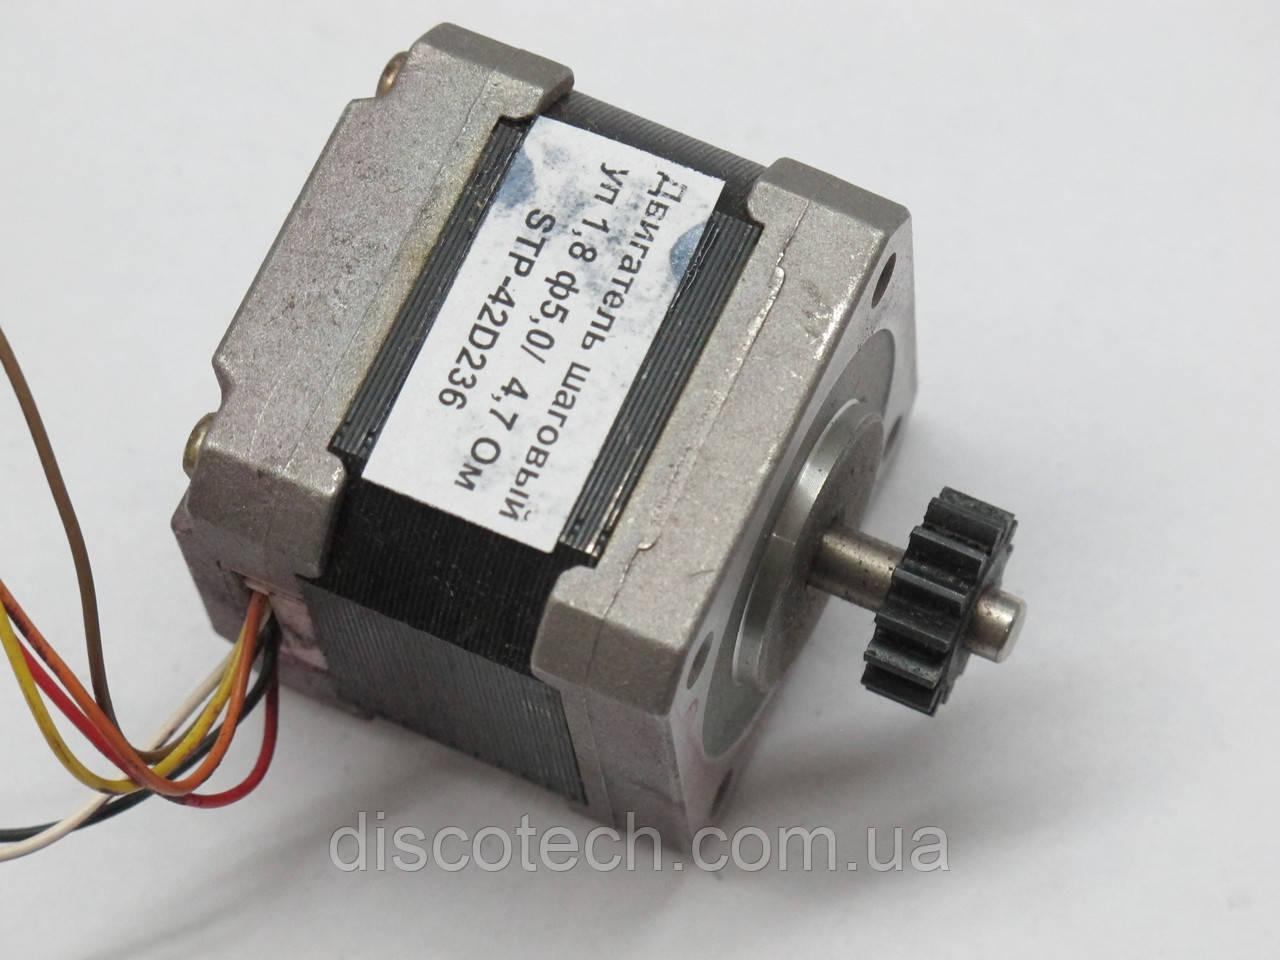 Двигатель шаговый уп 1,8 ф5,0/  4,7 Ом  STP-42D236